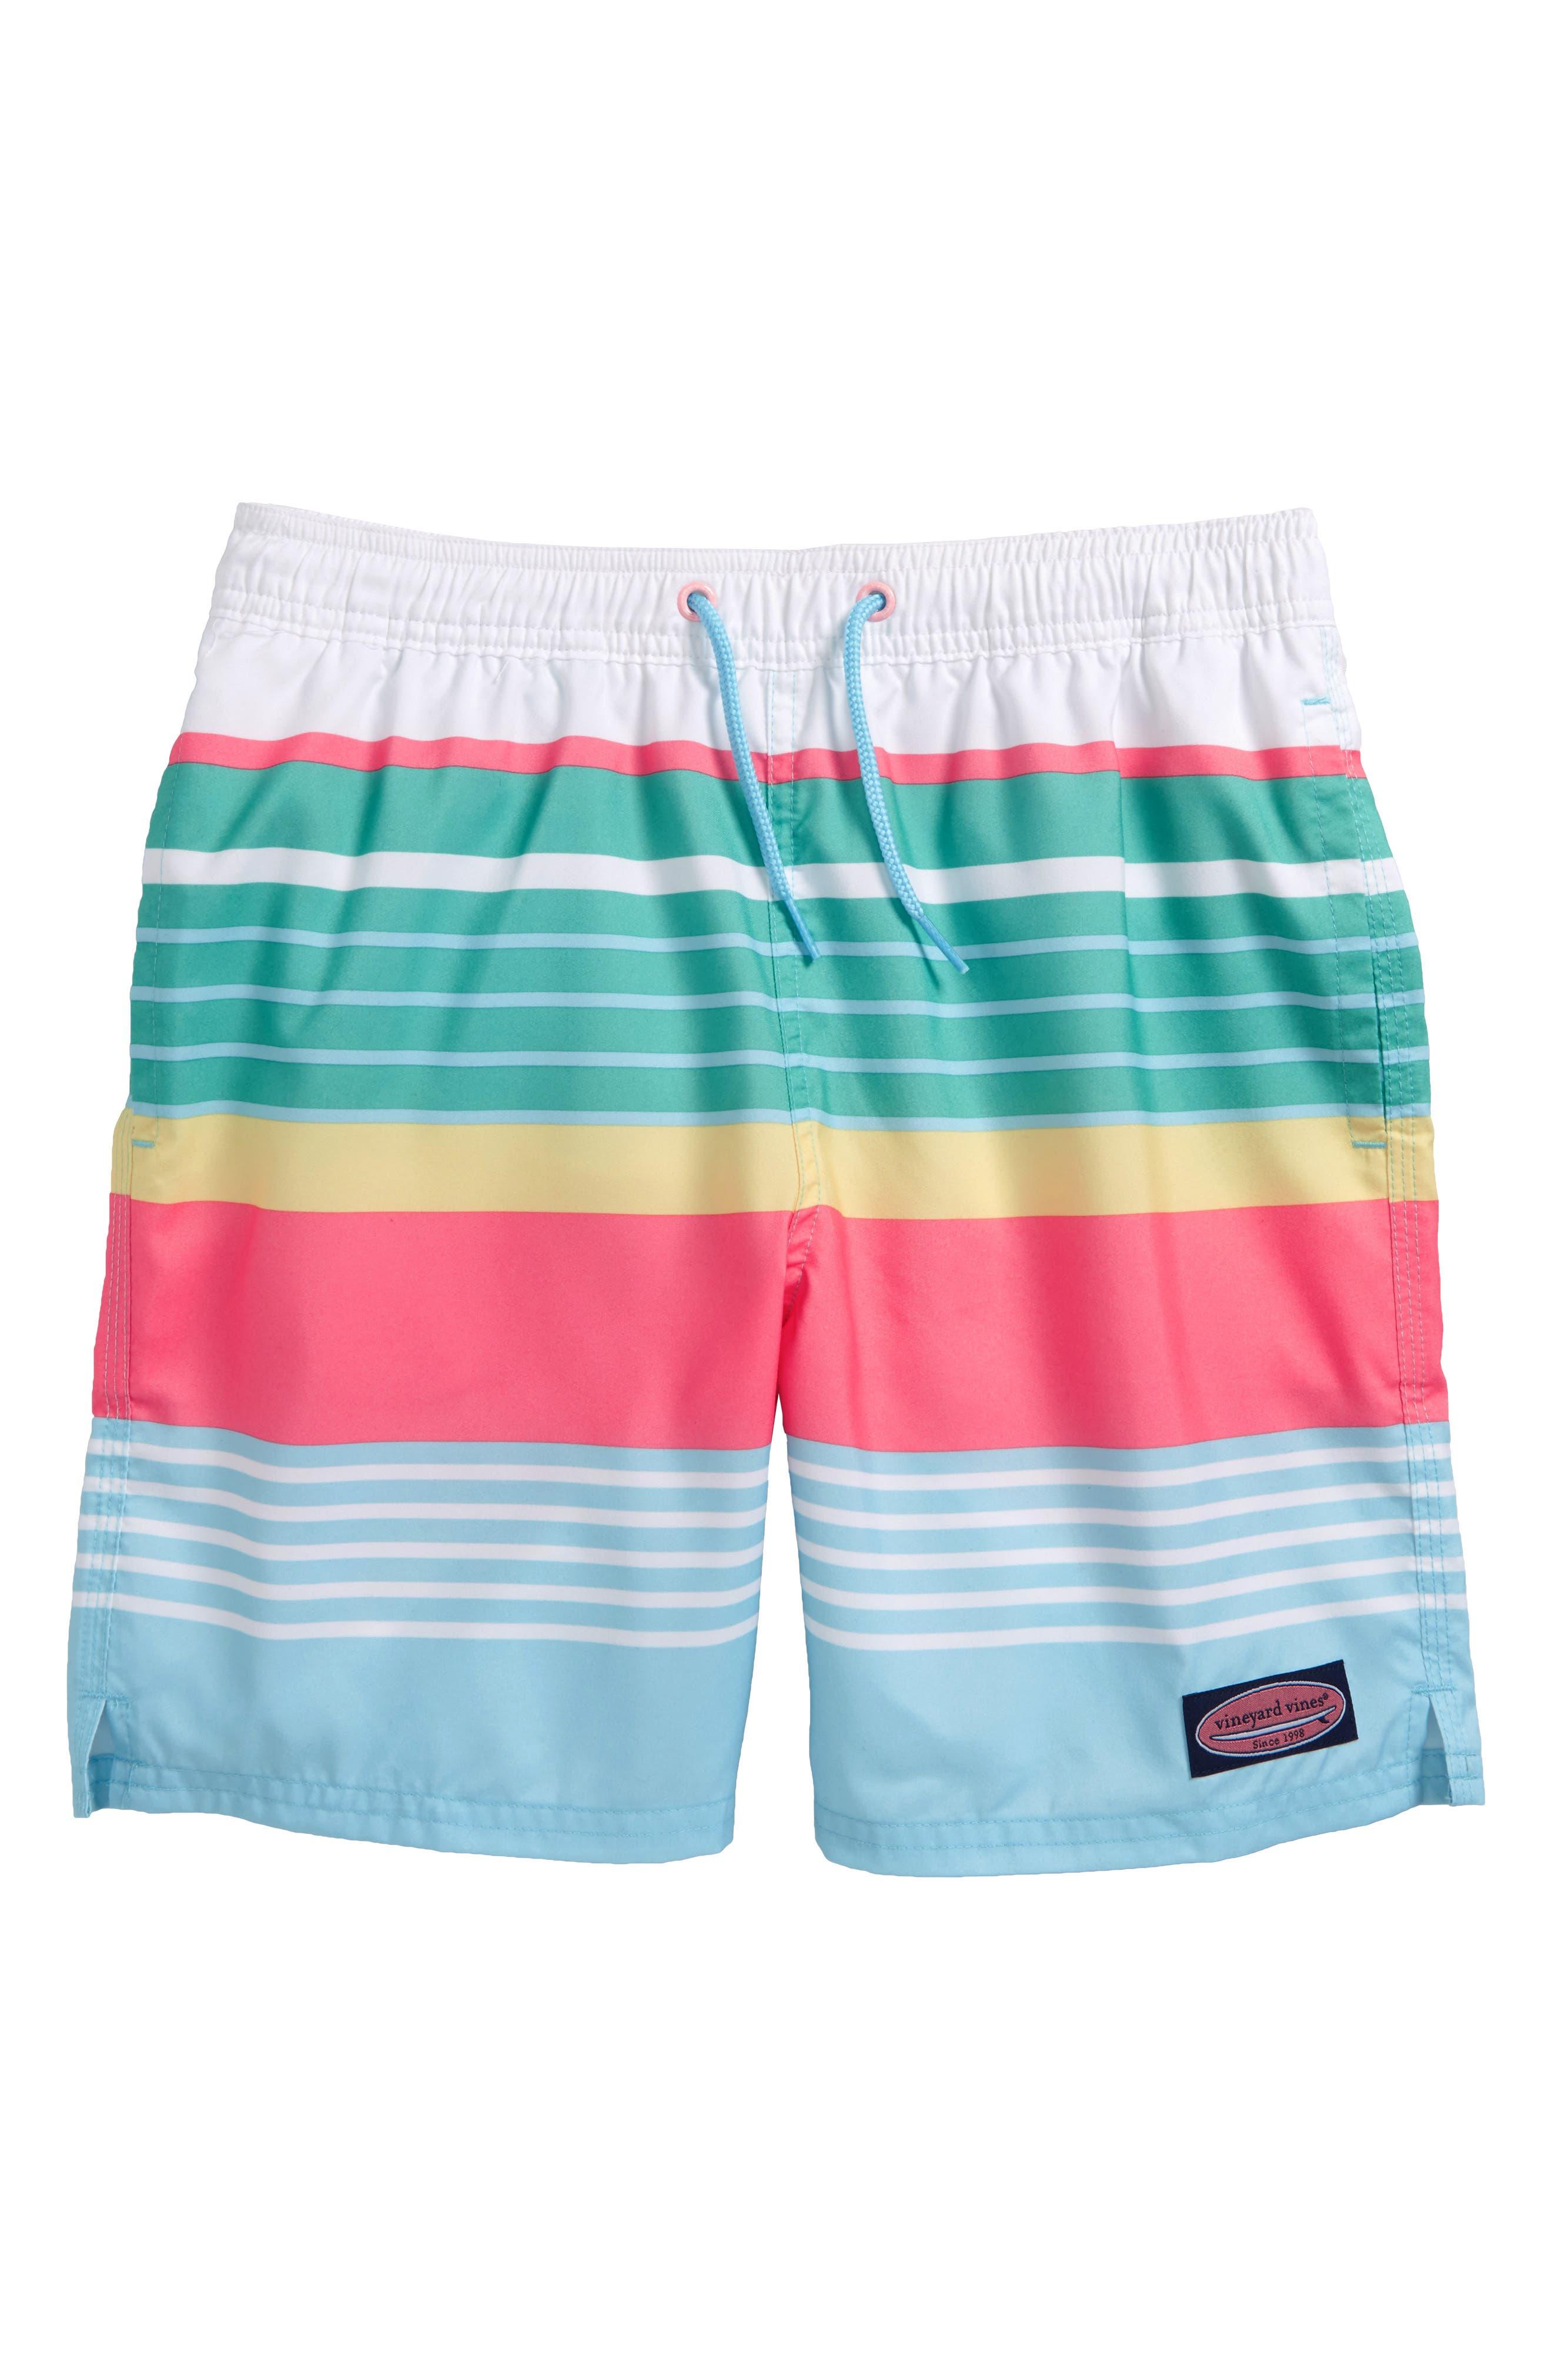 Chappy Boca Bay Stripe Swim Trunks,                         Main,                         color, Sea Splash